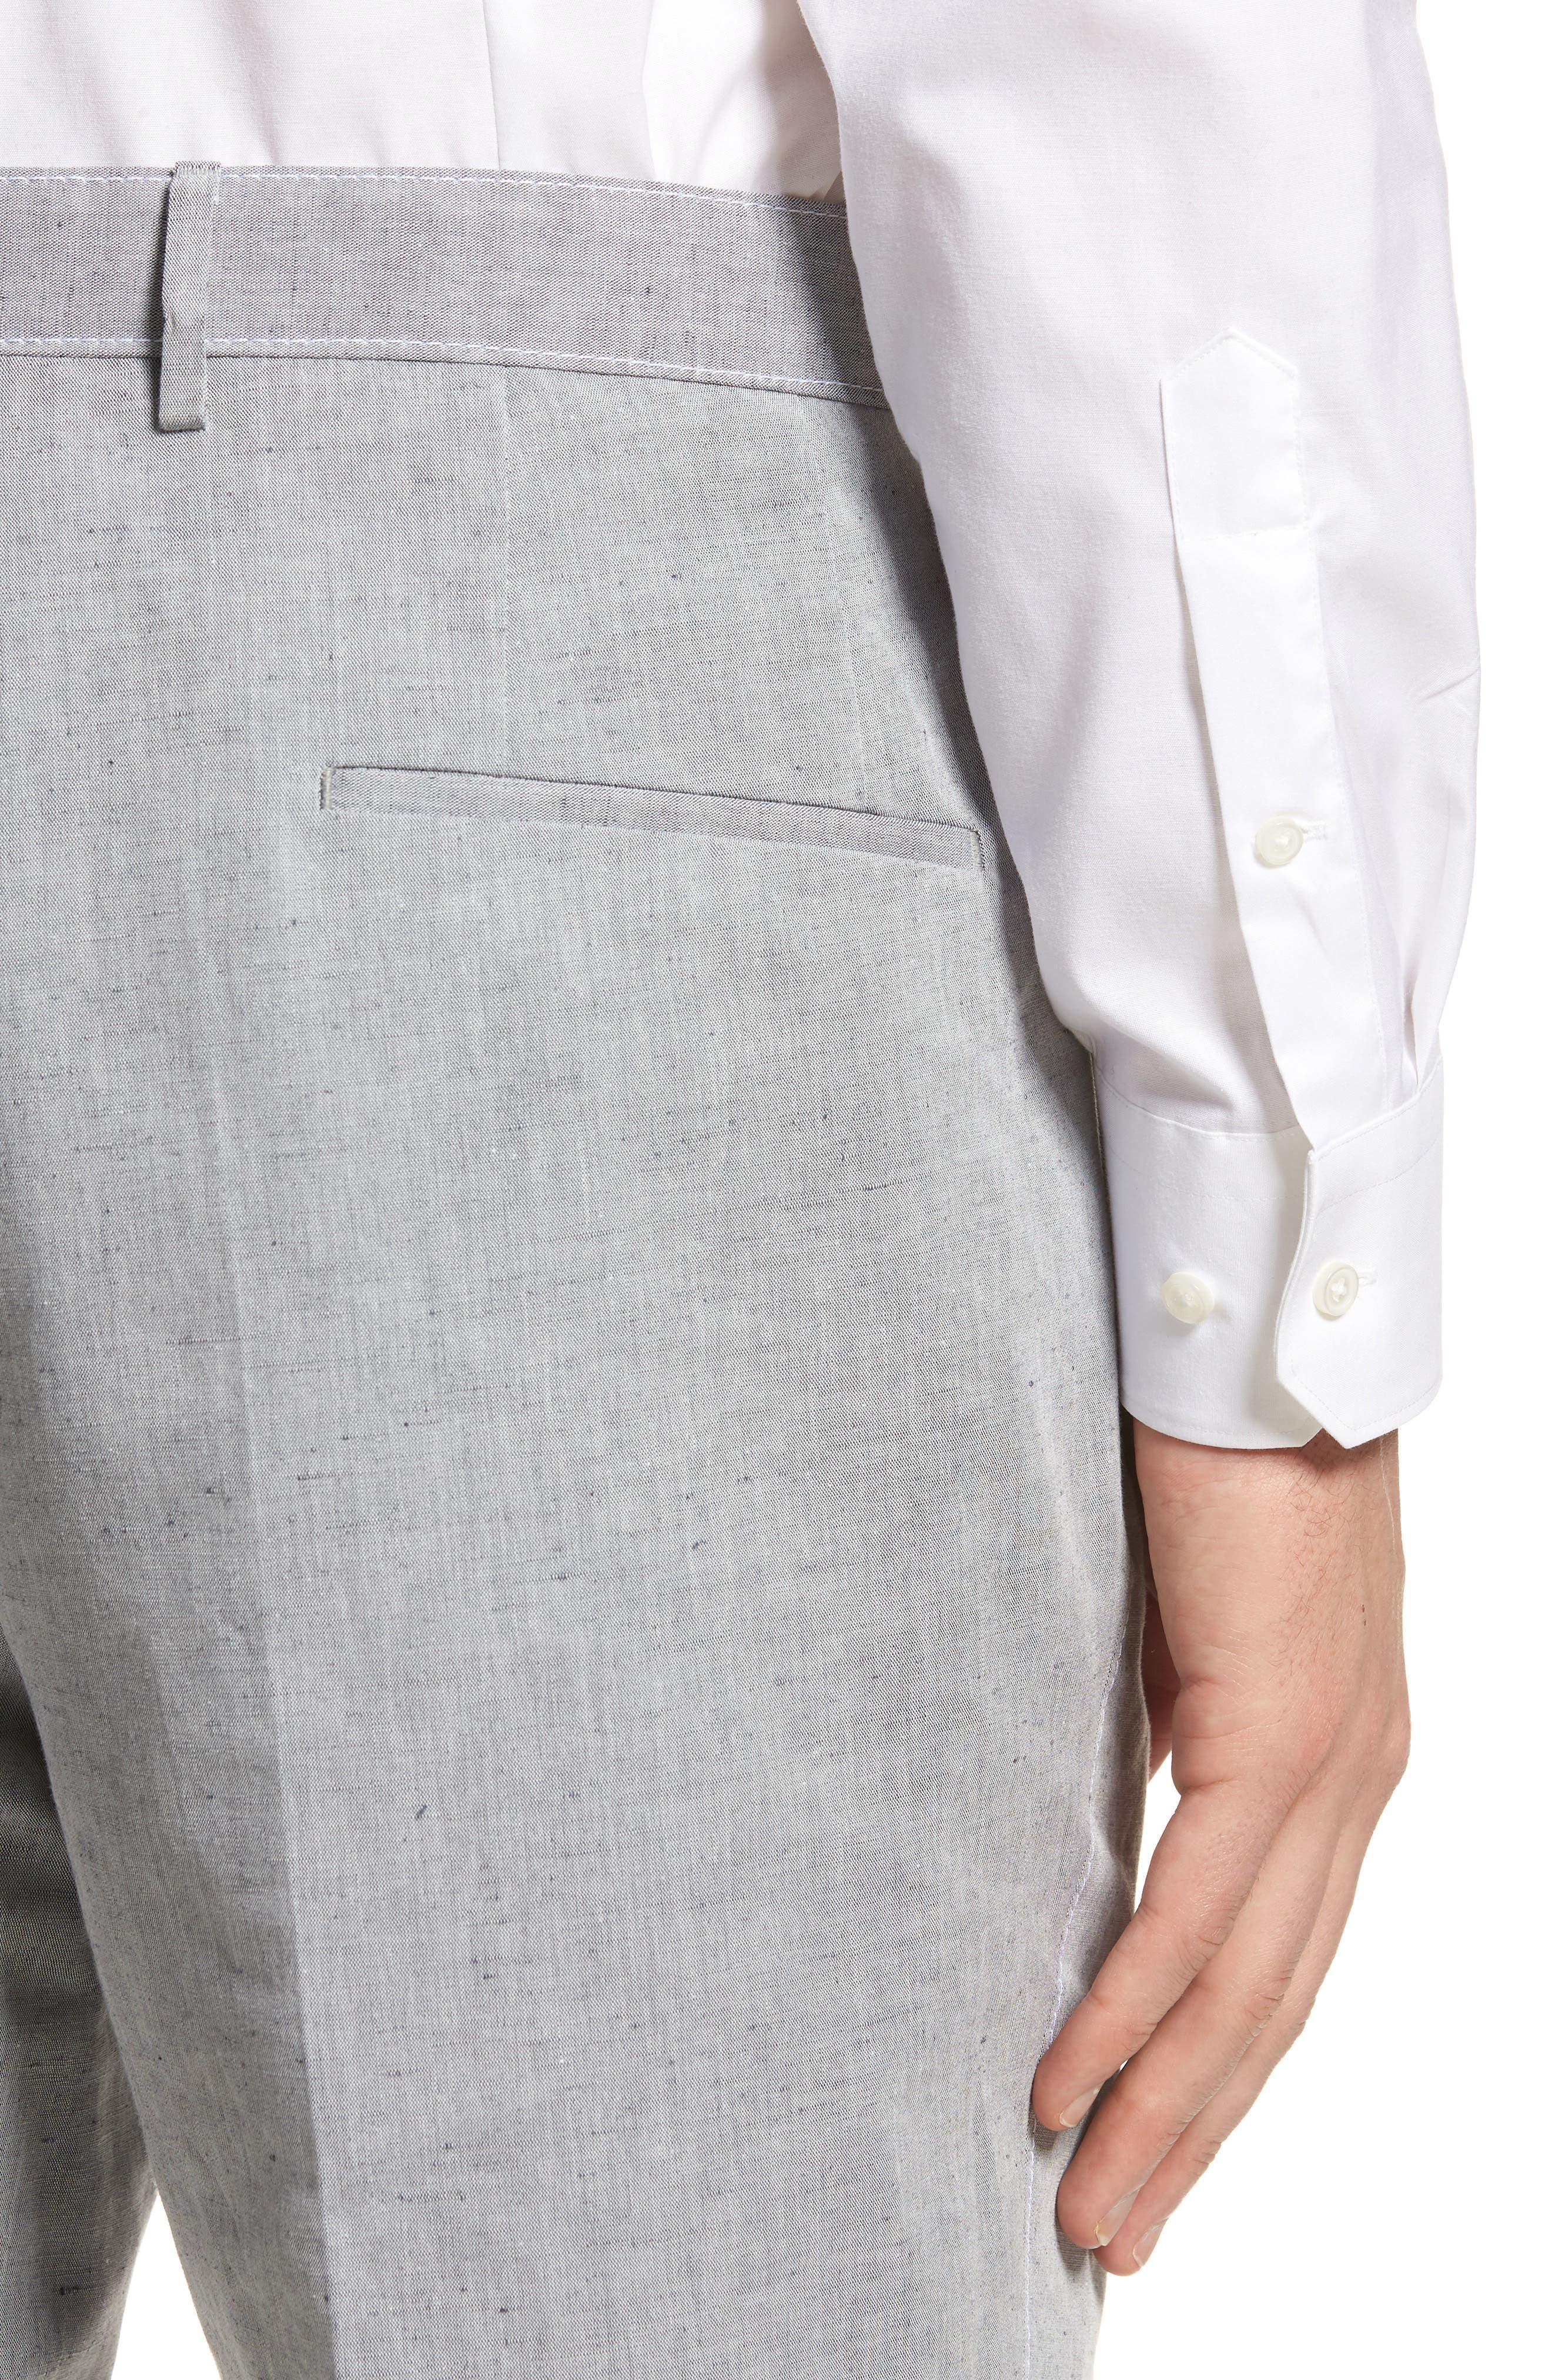 Pirko Flat Front Linen & Cotton Trousers,                             Alternate thumbnail 4, color,                             020